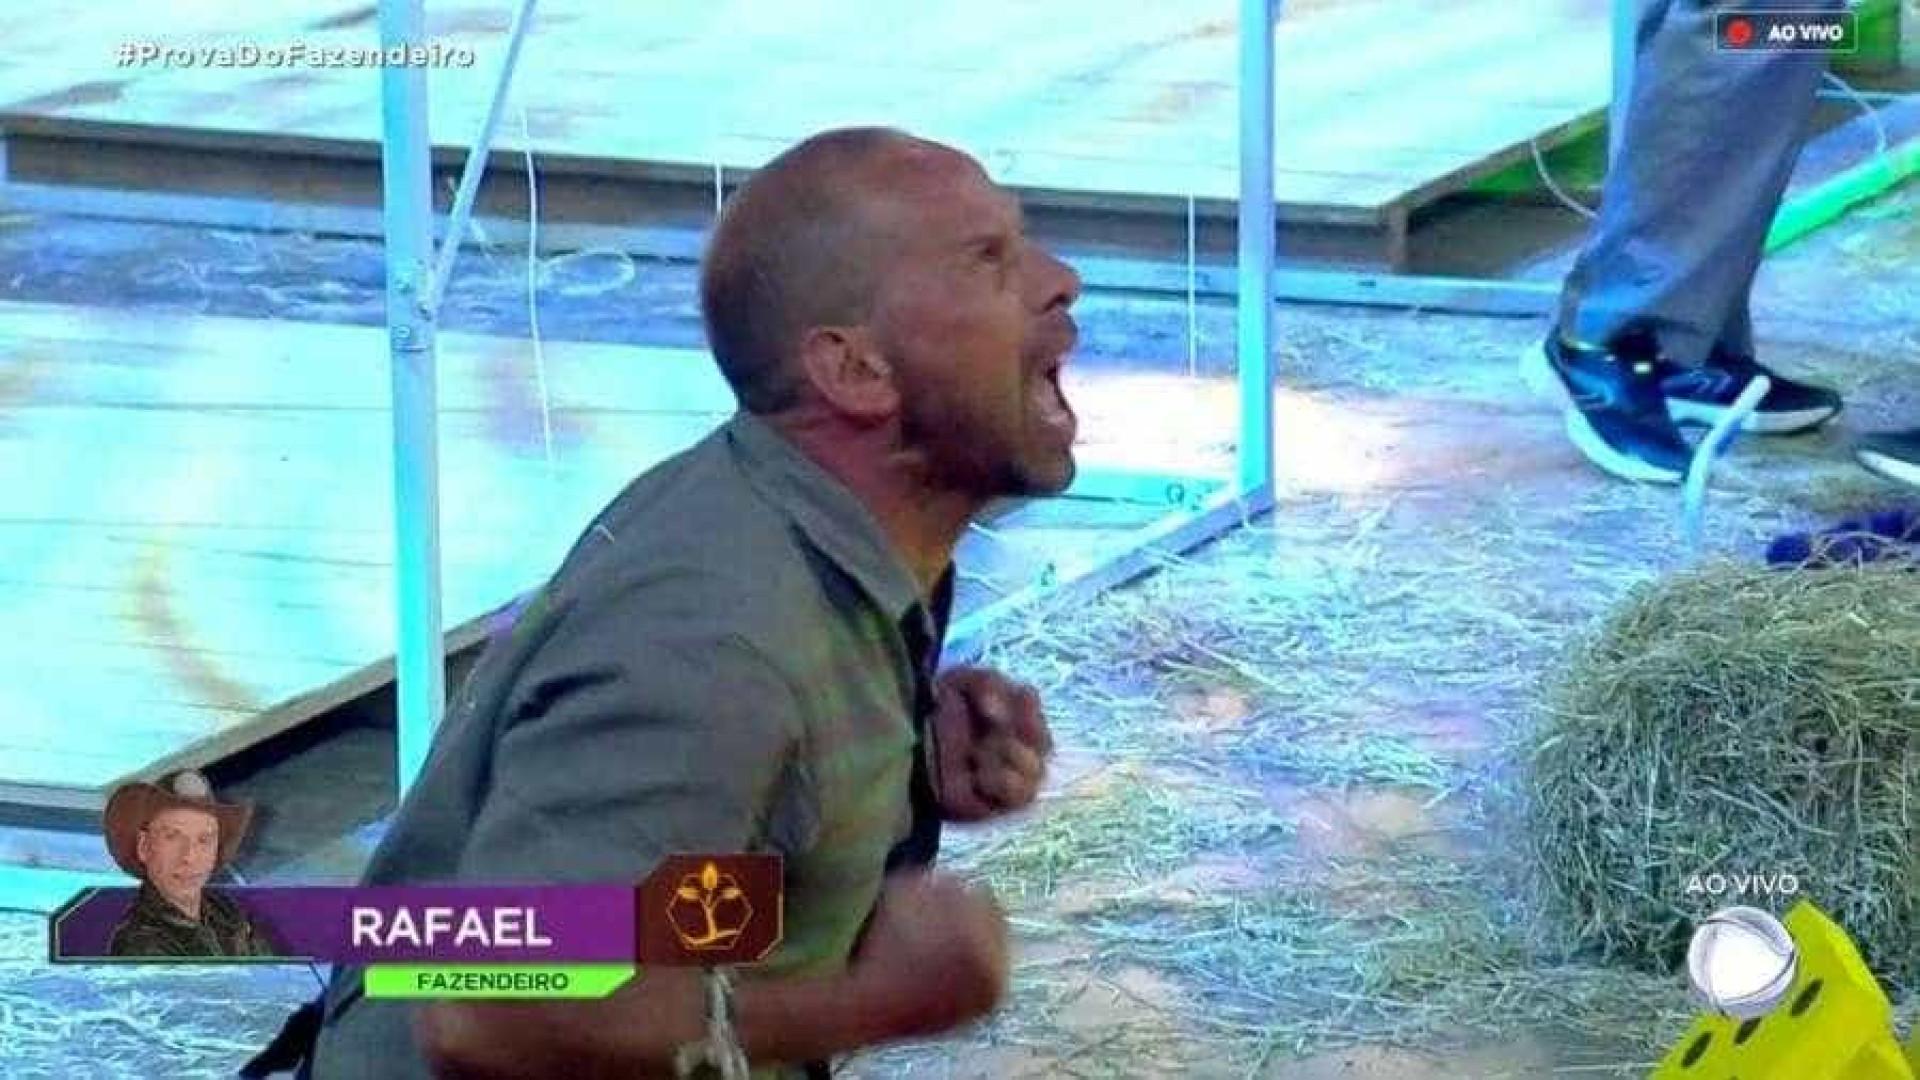 Rafael Ilha vence prova e se torna o novo fazendeiro em 'A Fazenda'